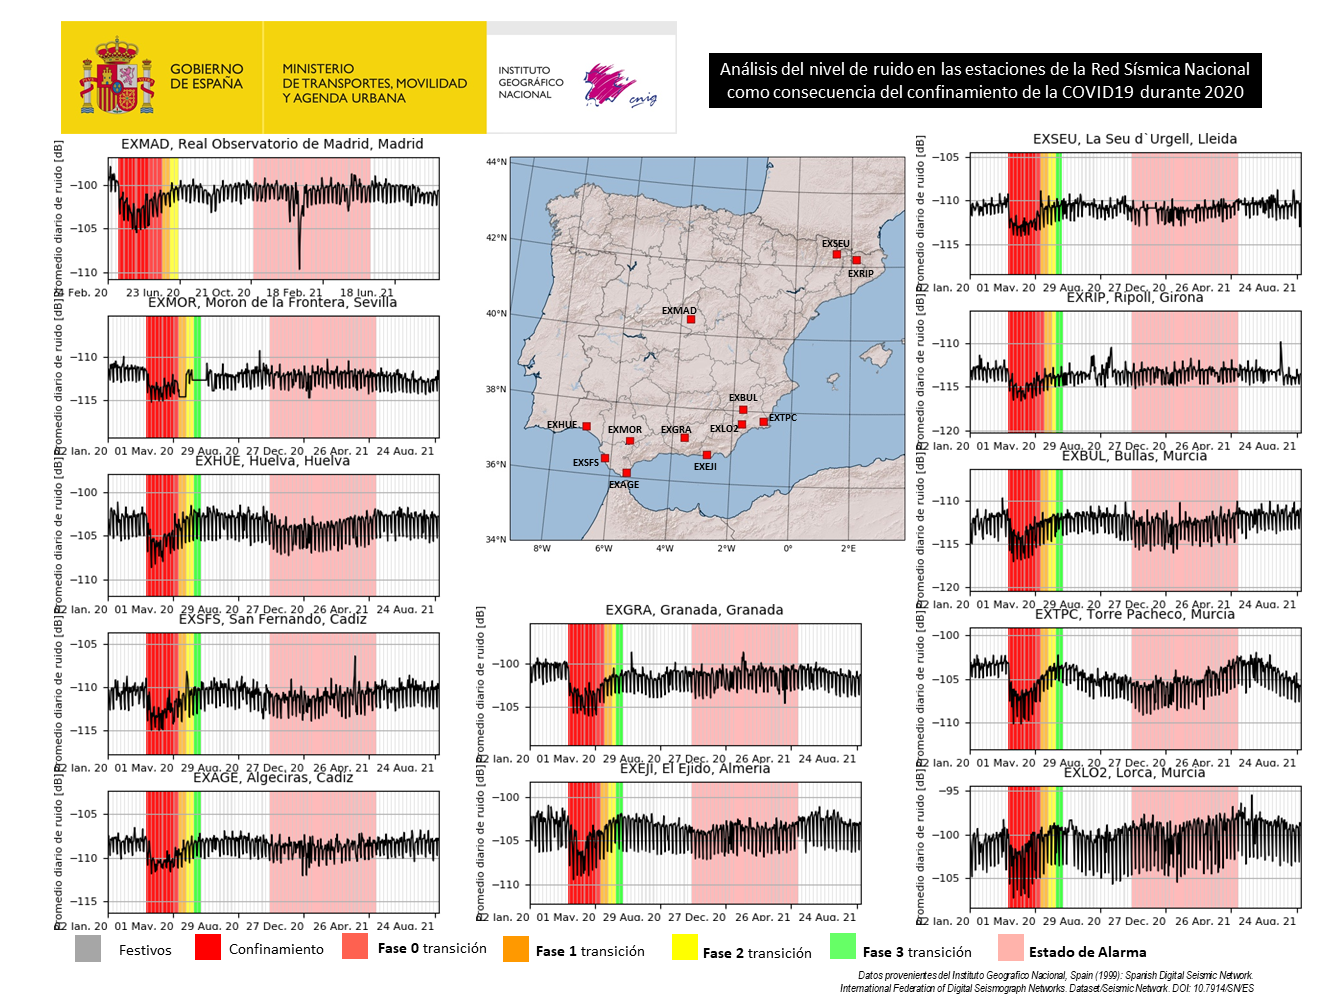 nivel de ruido en las estaciones de la Red Sísmica Nacional